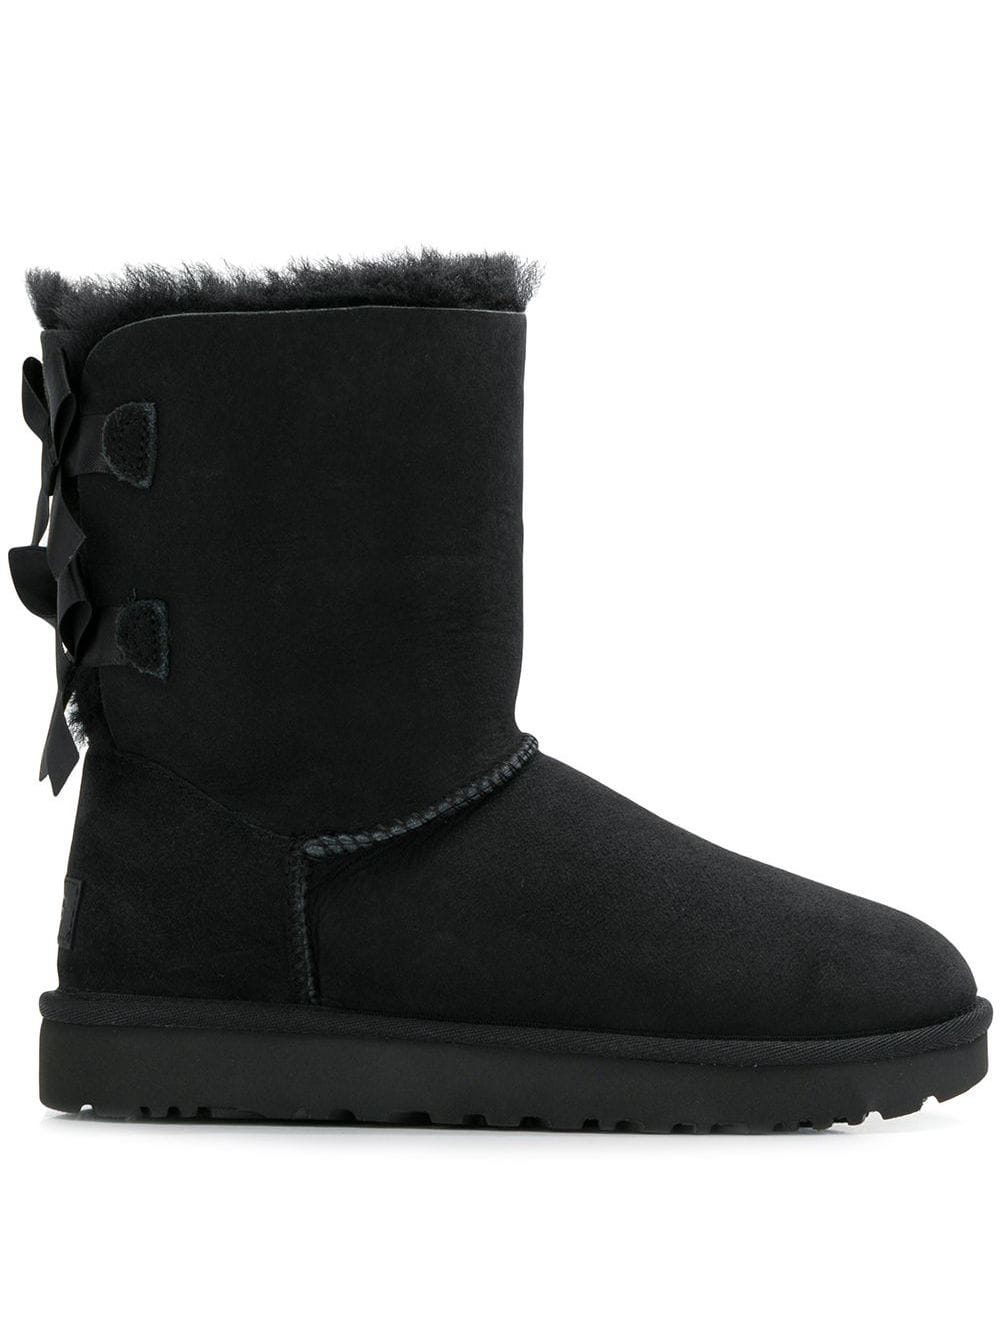 Bailey Bow Ii Boots